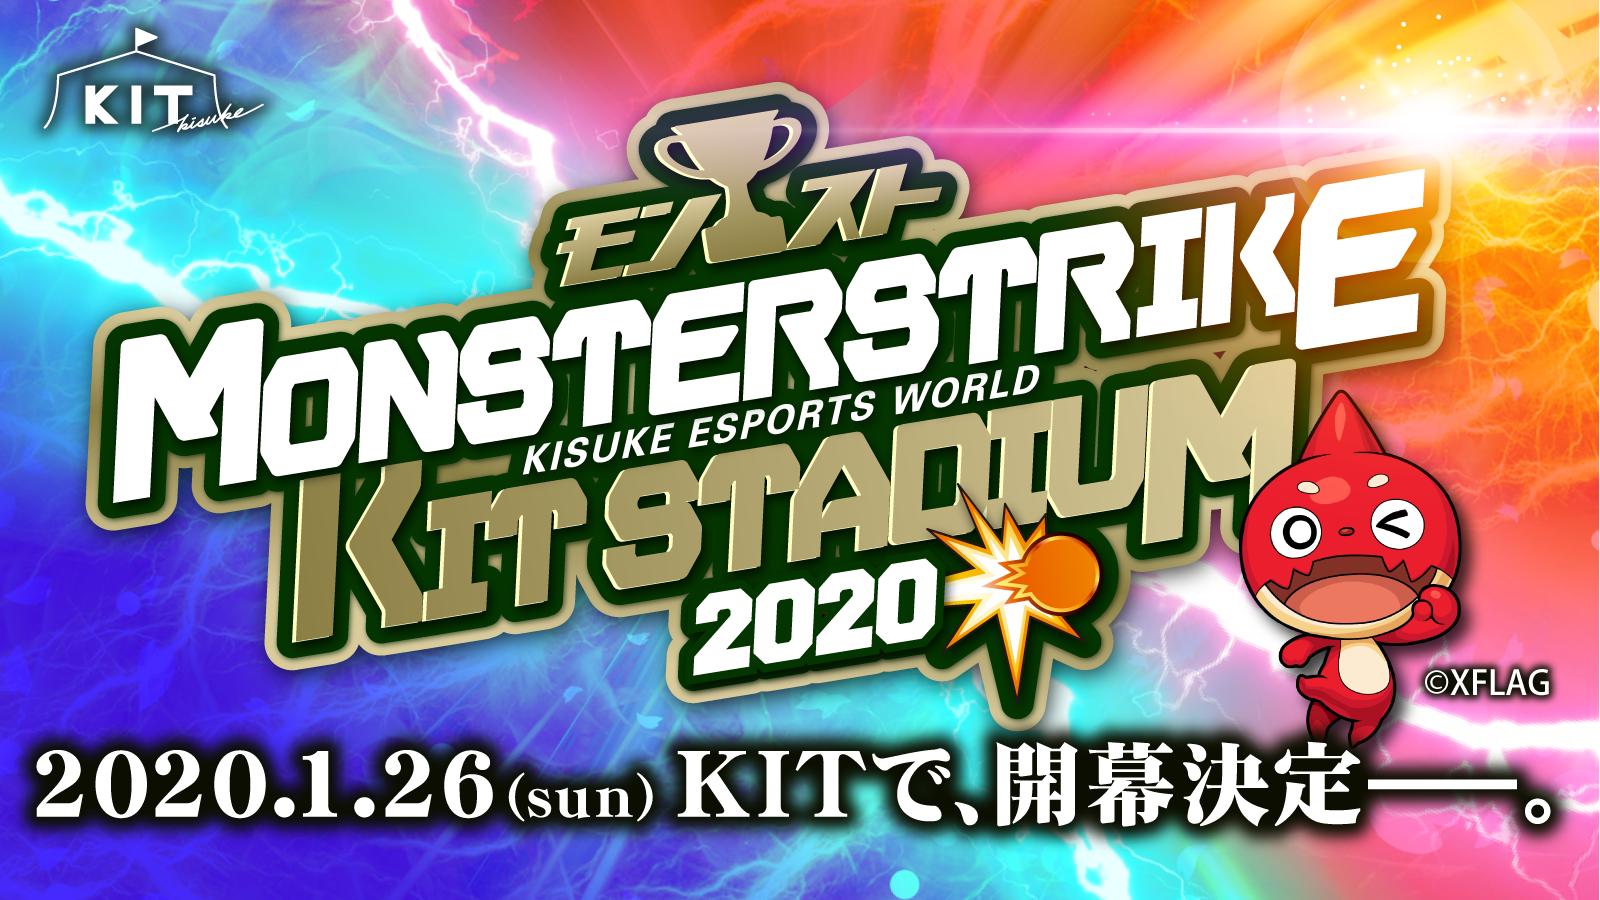 モンスターストライク KIT STADIUM 2020、1月26日 開催!